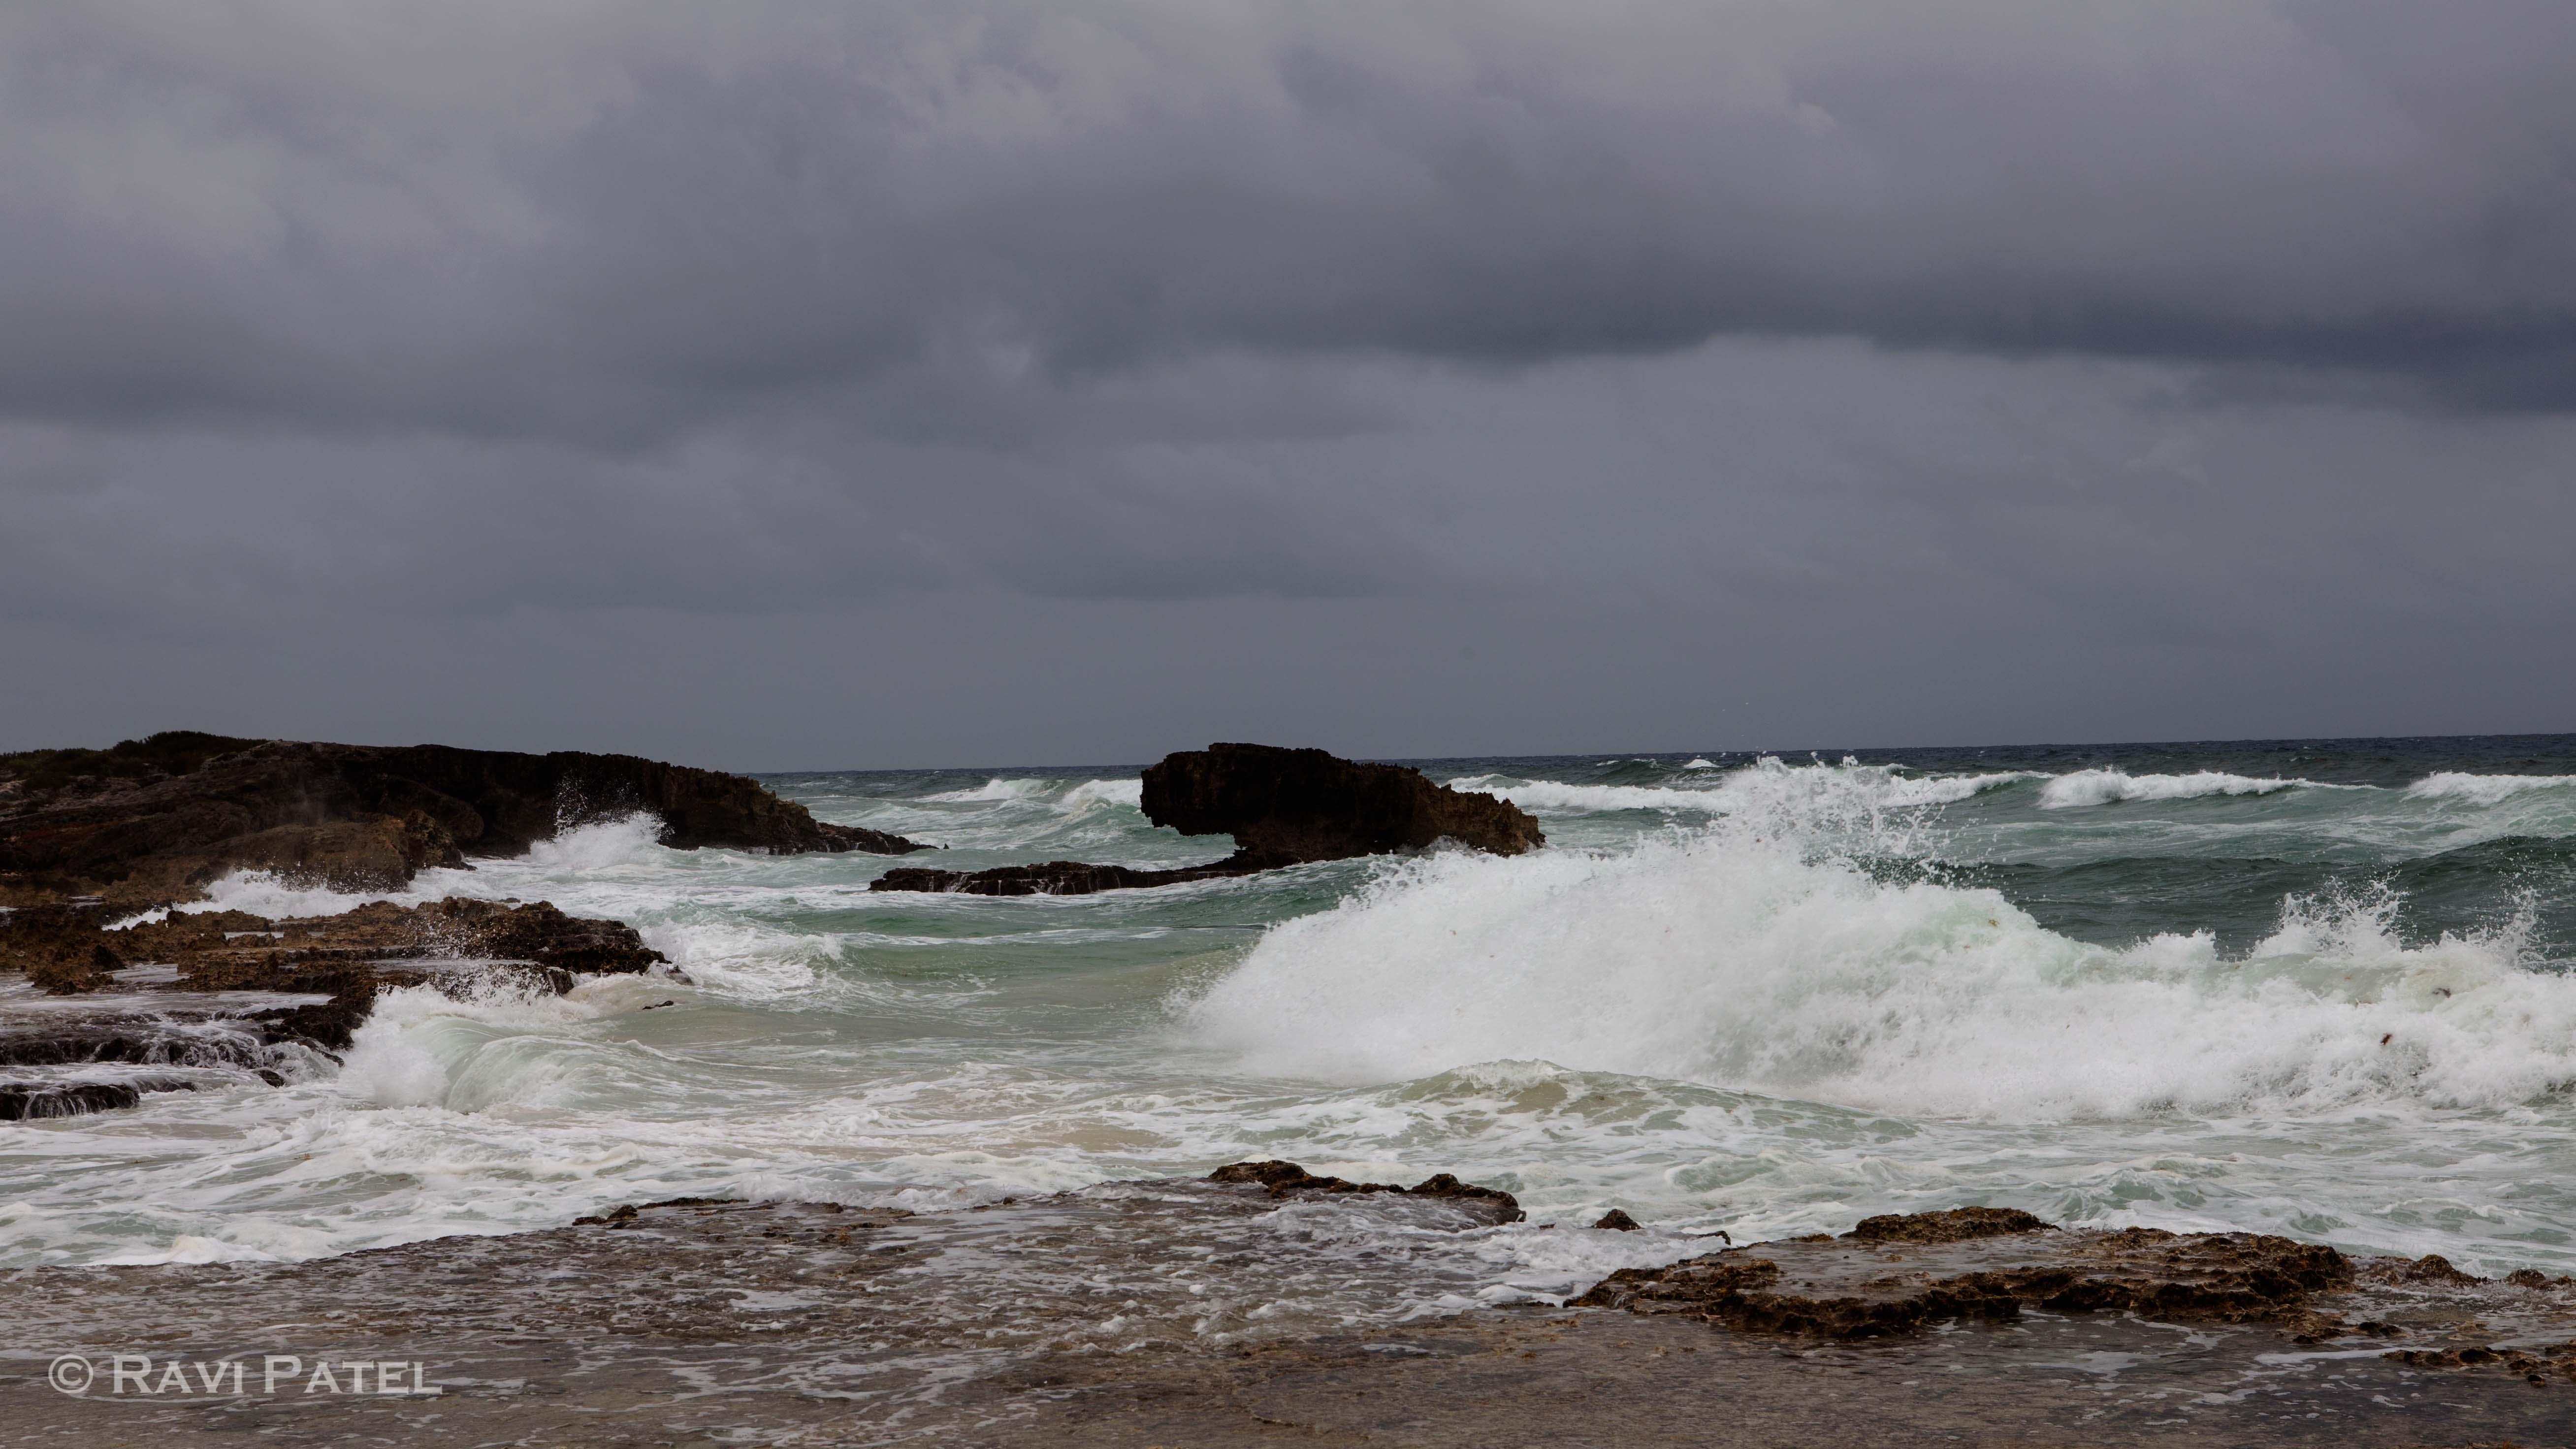 Stormy Seas Photos By Ravi